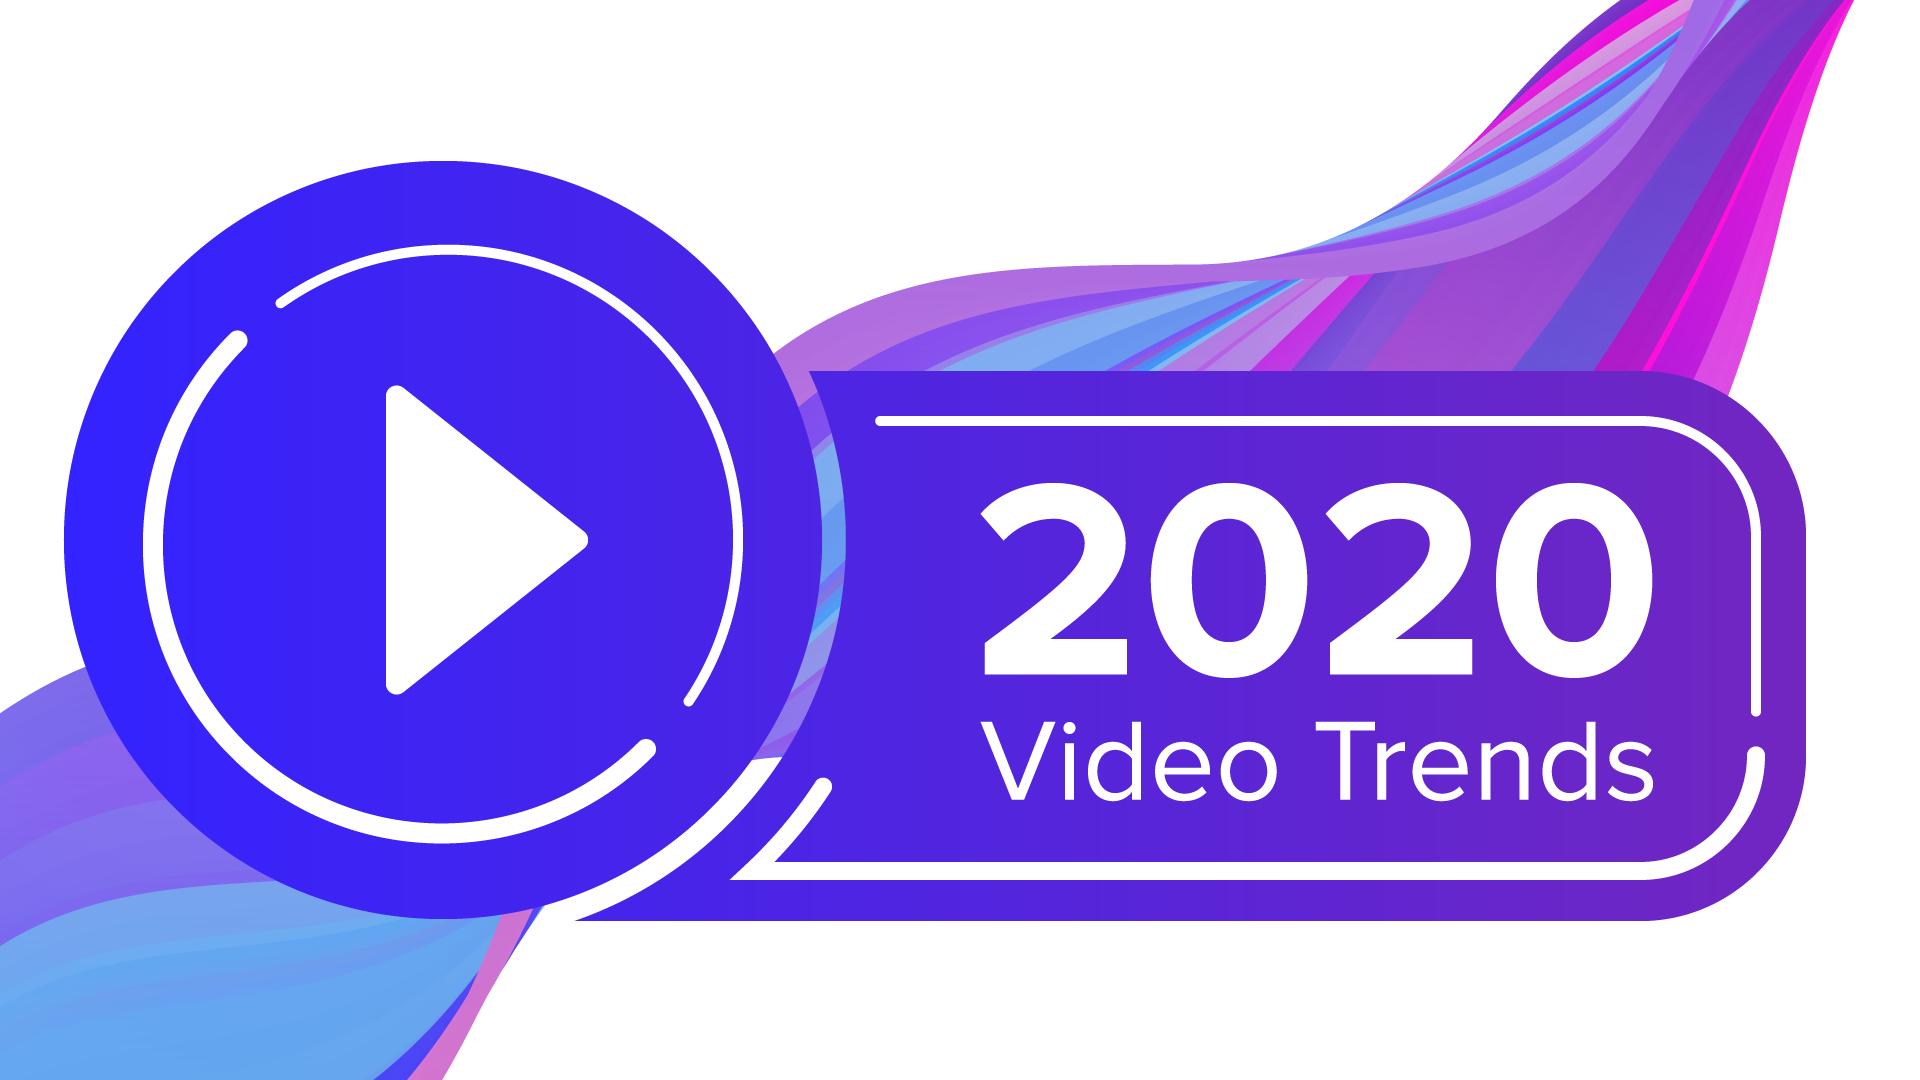 2020 Video Trends VMG Studios